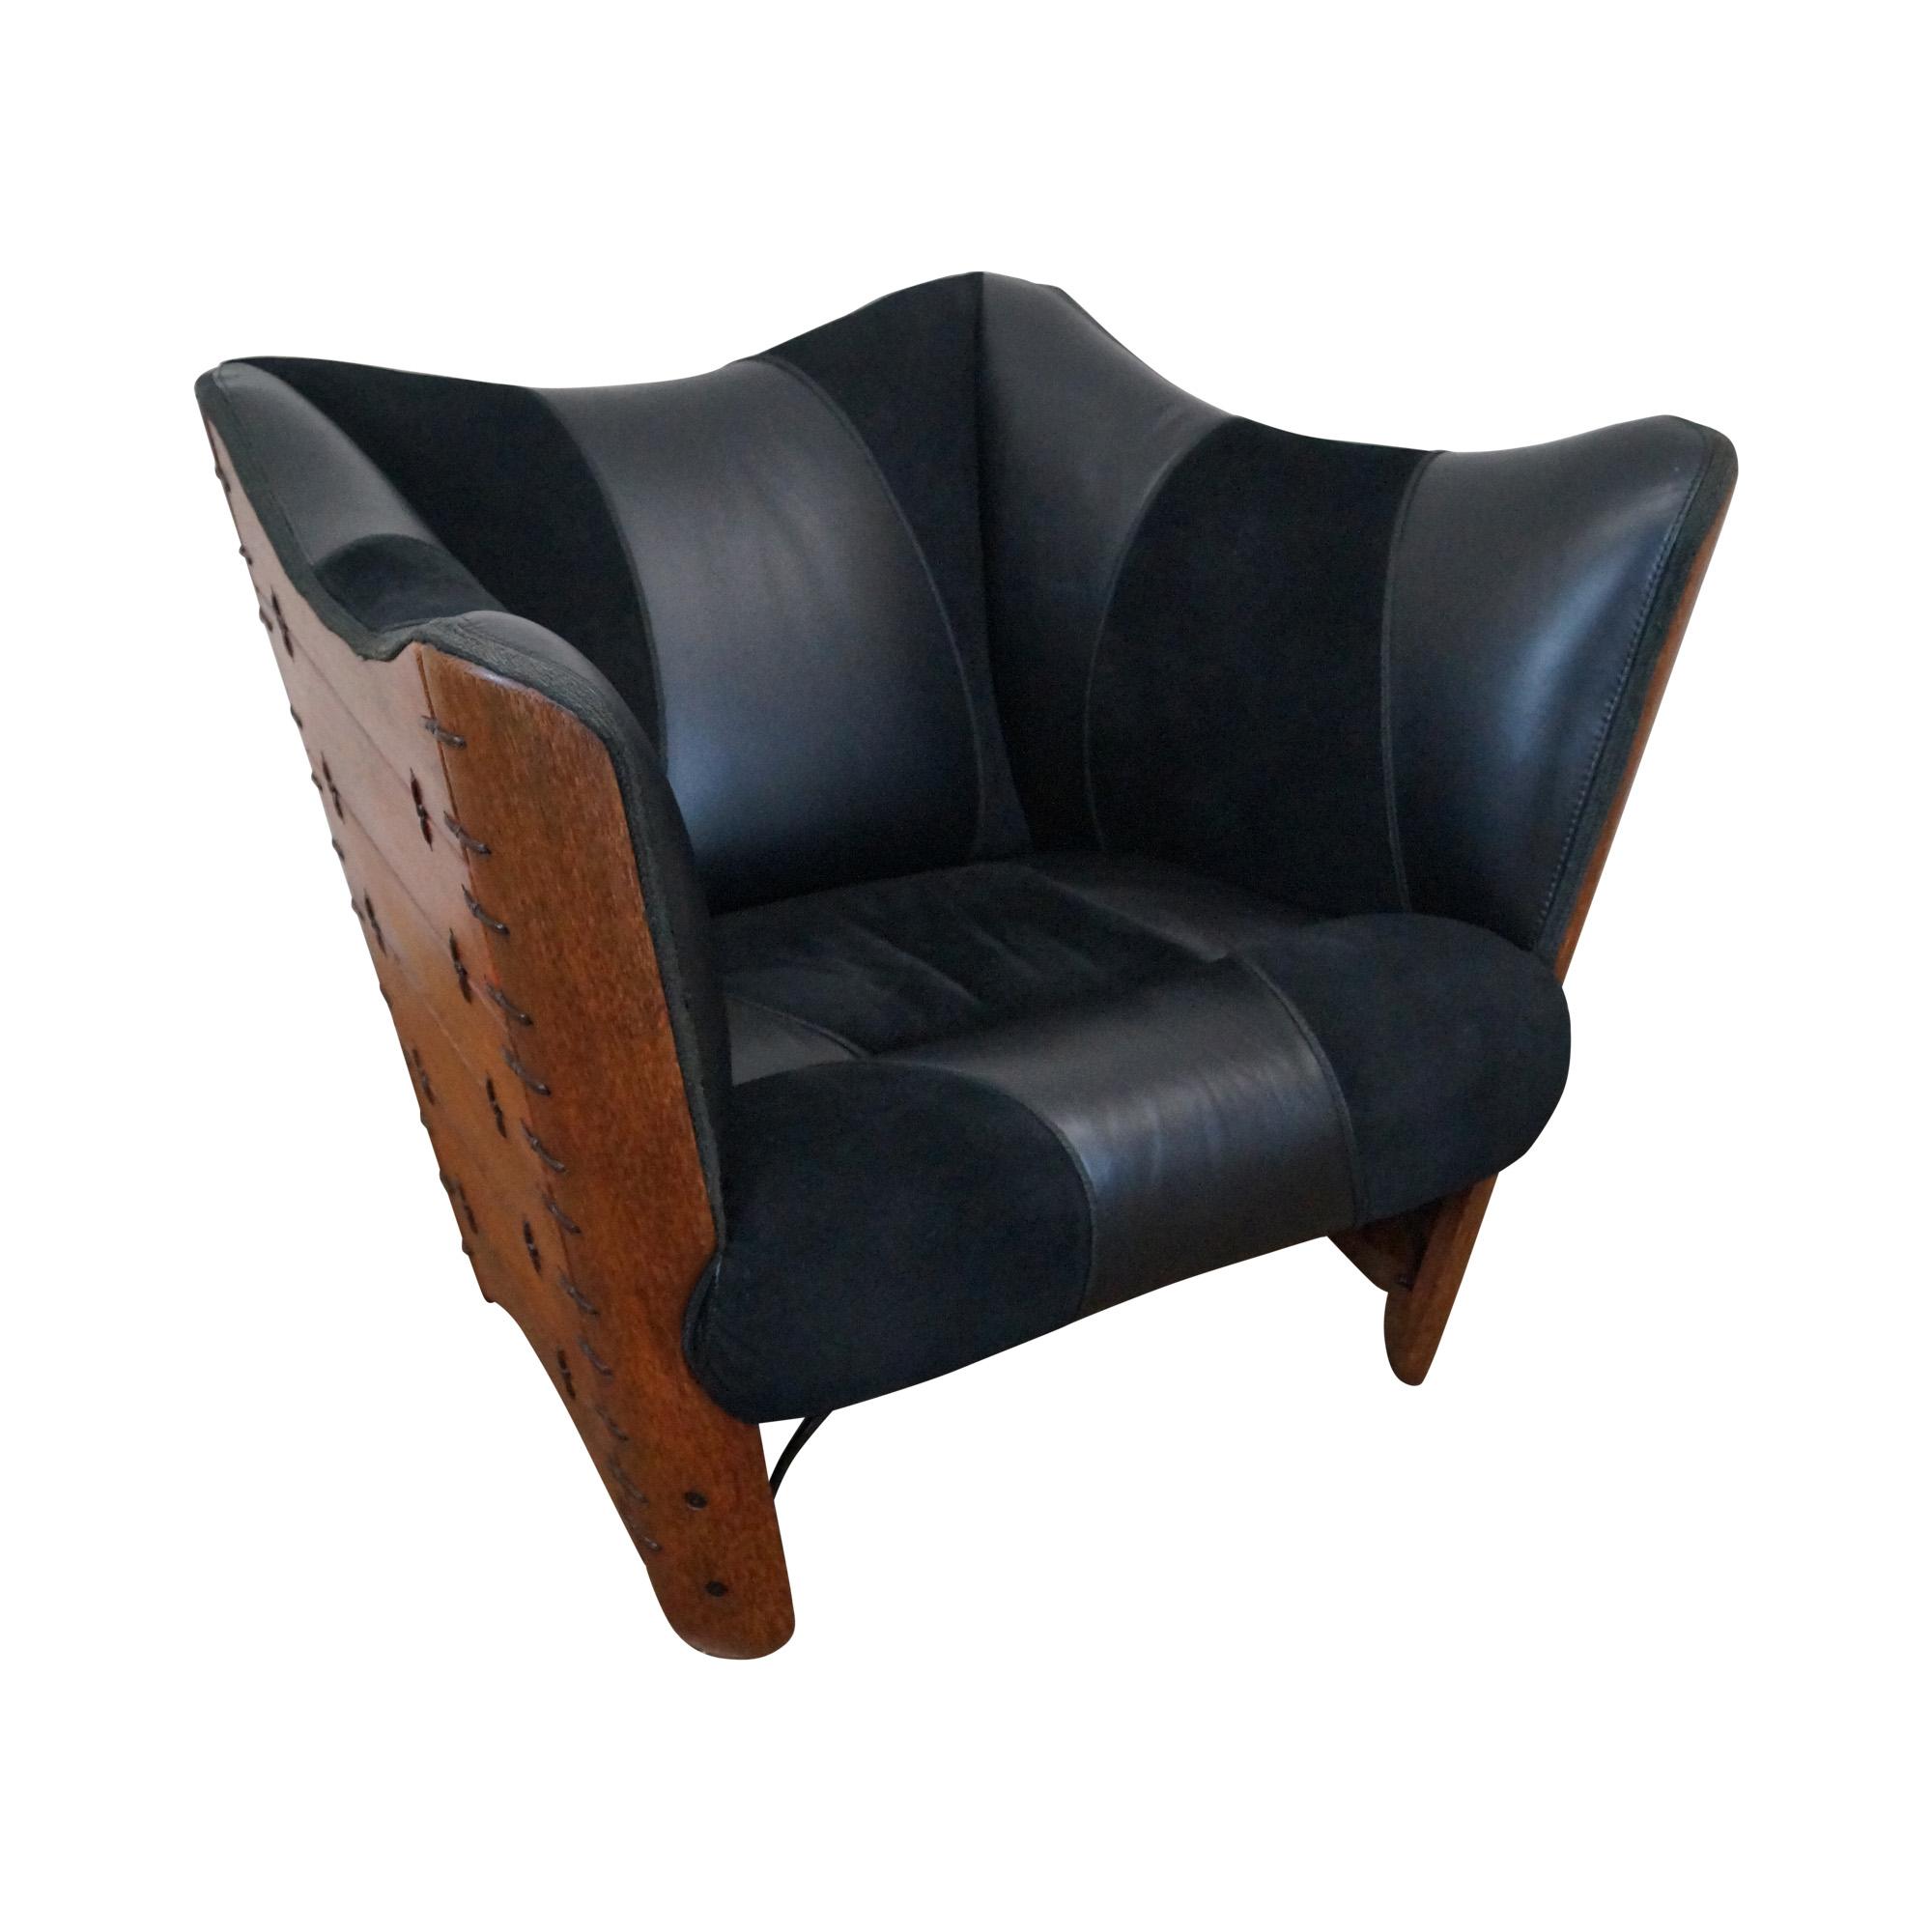 Brazilian Walnut Wing Lounge Chair Chairish